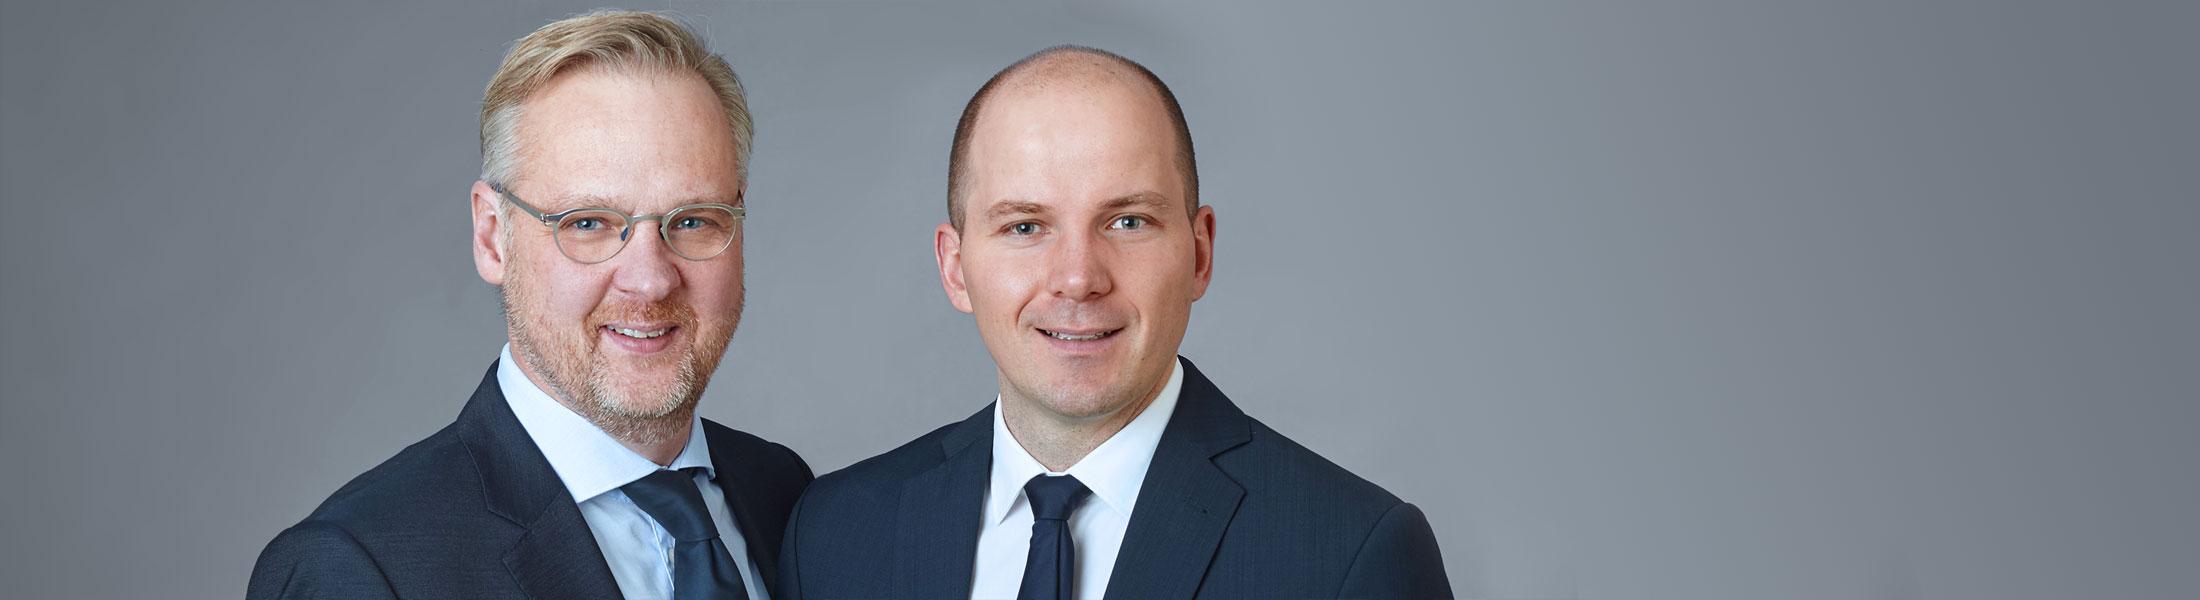 Jörg Wilms-Vahrenhorst und Marco Weiler